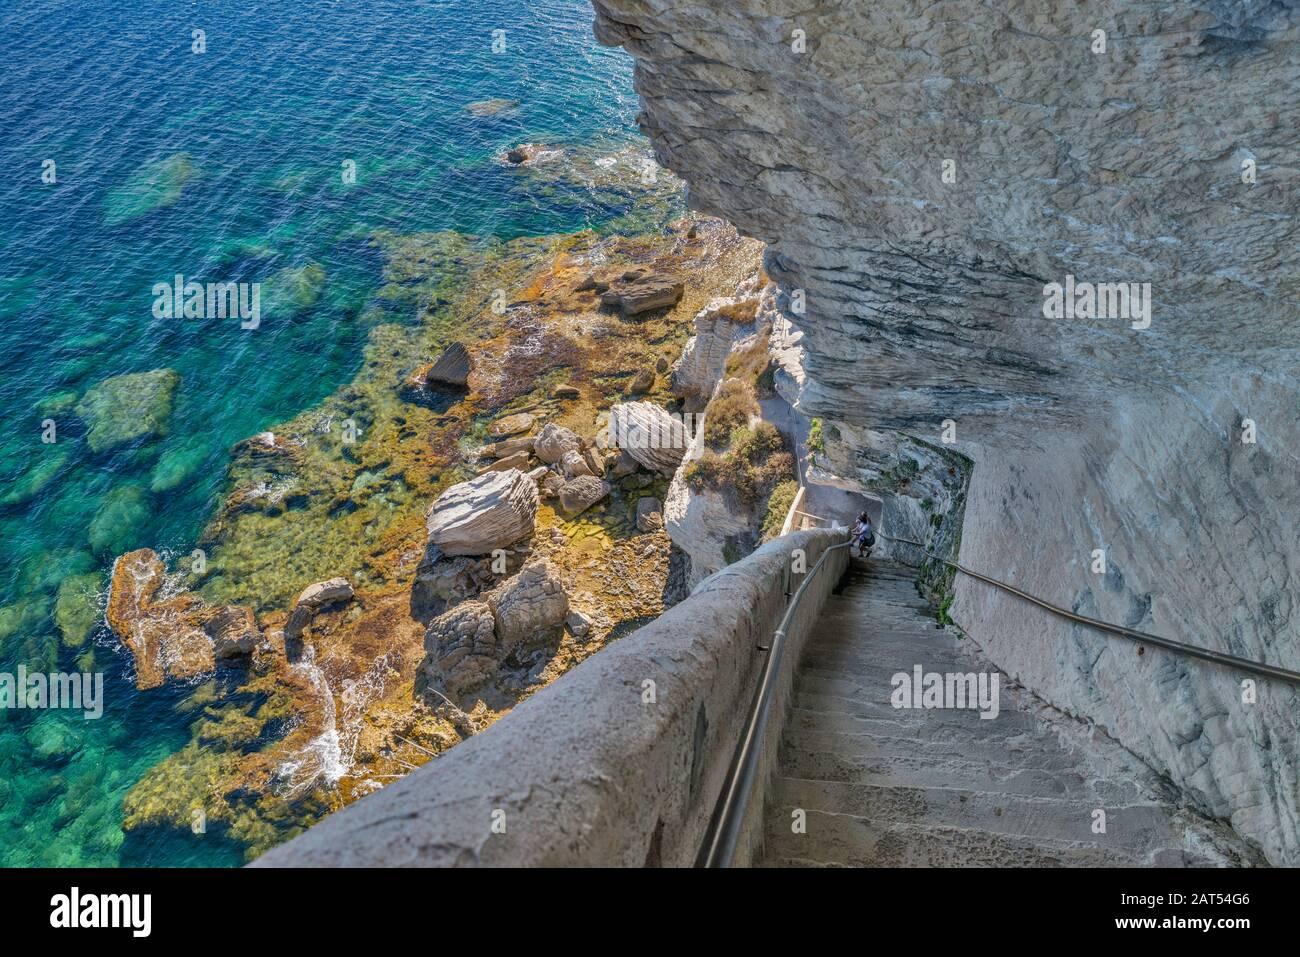 Escalier du roi d'Aragon (Pasos del rey Aragón) cortado en 1420 en un acantilado de piedra caliza sobre el estrecho de Bonifacio en Bonifacio, Corse-du-Sud, Córcega, Francia Foto de stock